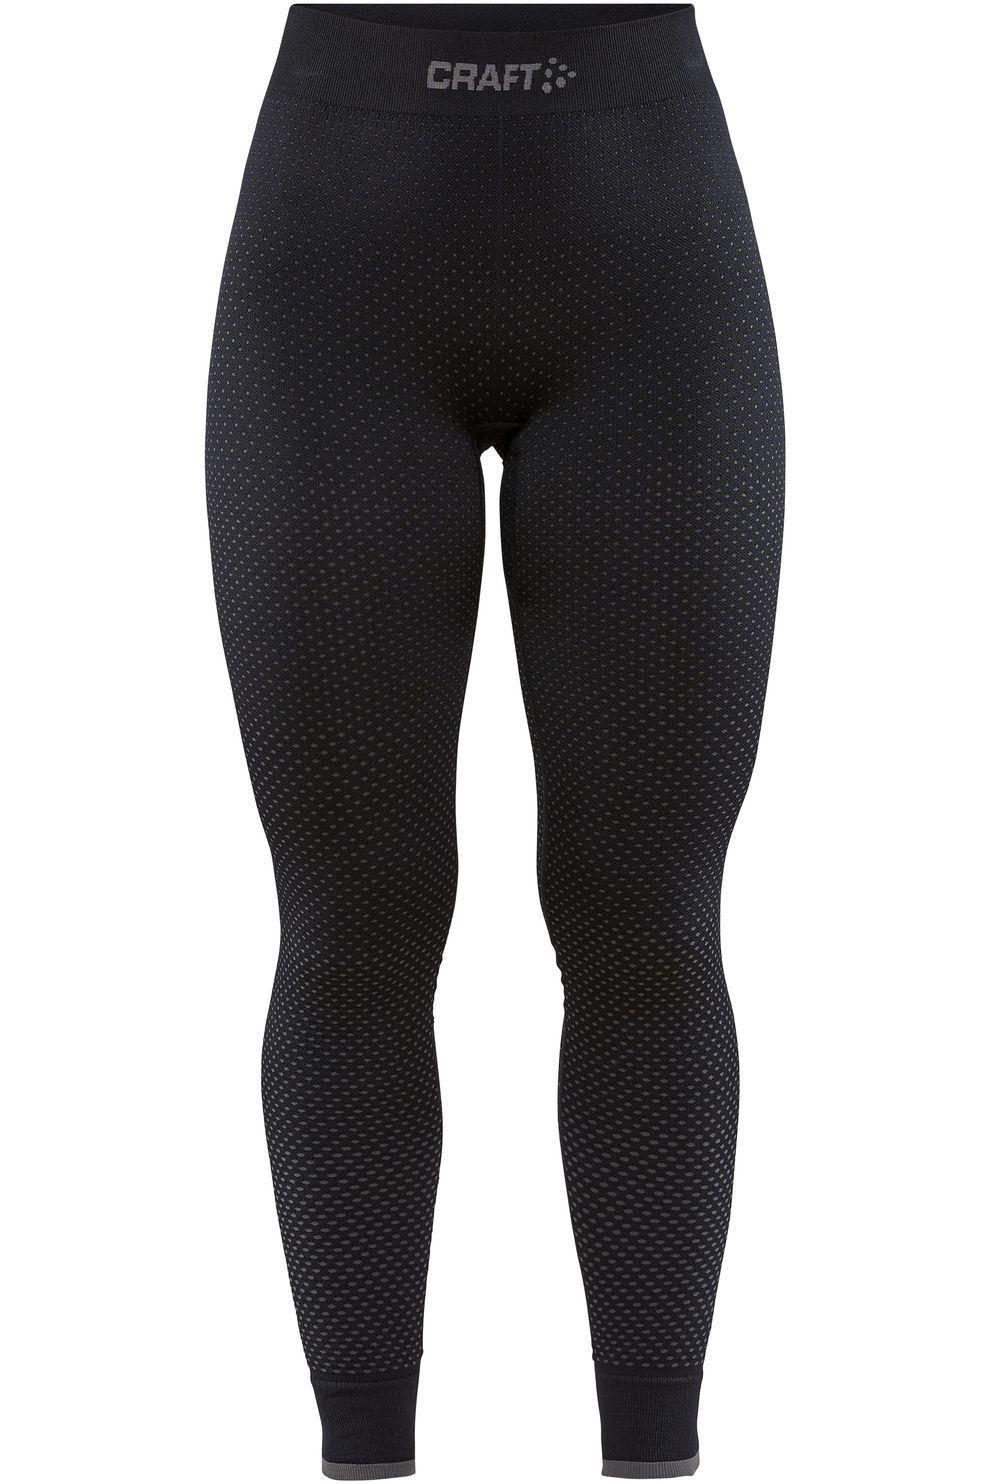 Craft Legging Adv Fuseknit Intensity voor dames - Zwart - Maten: S, M, L, XL - Nieuwe collectie